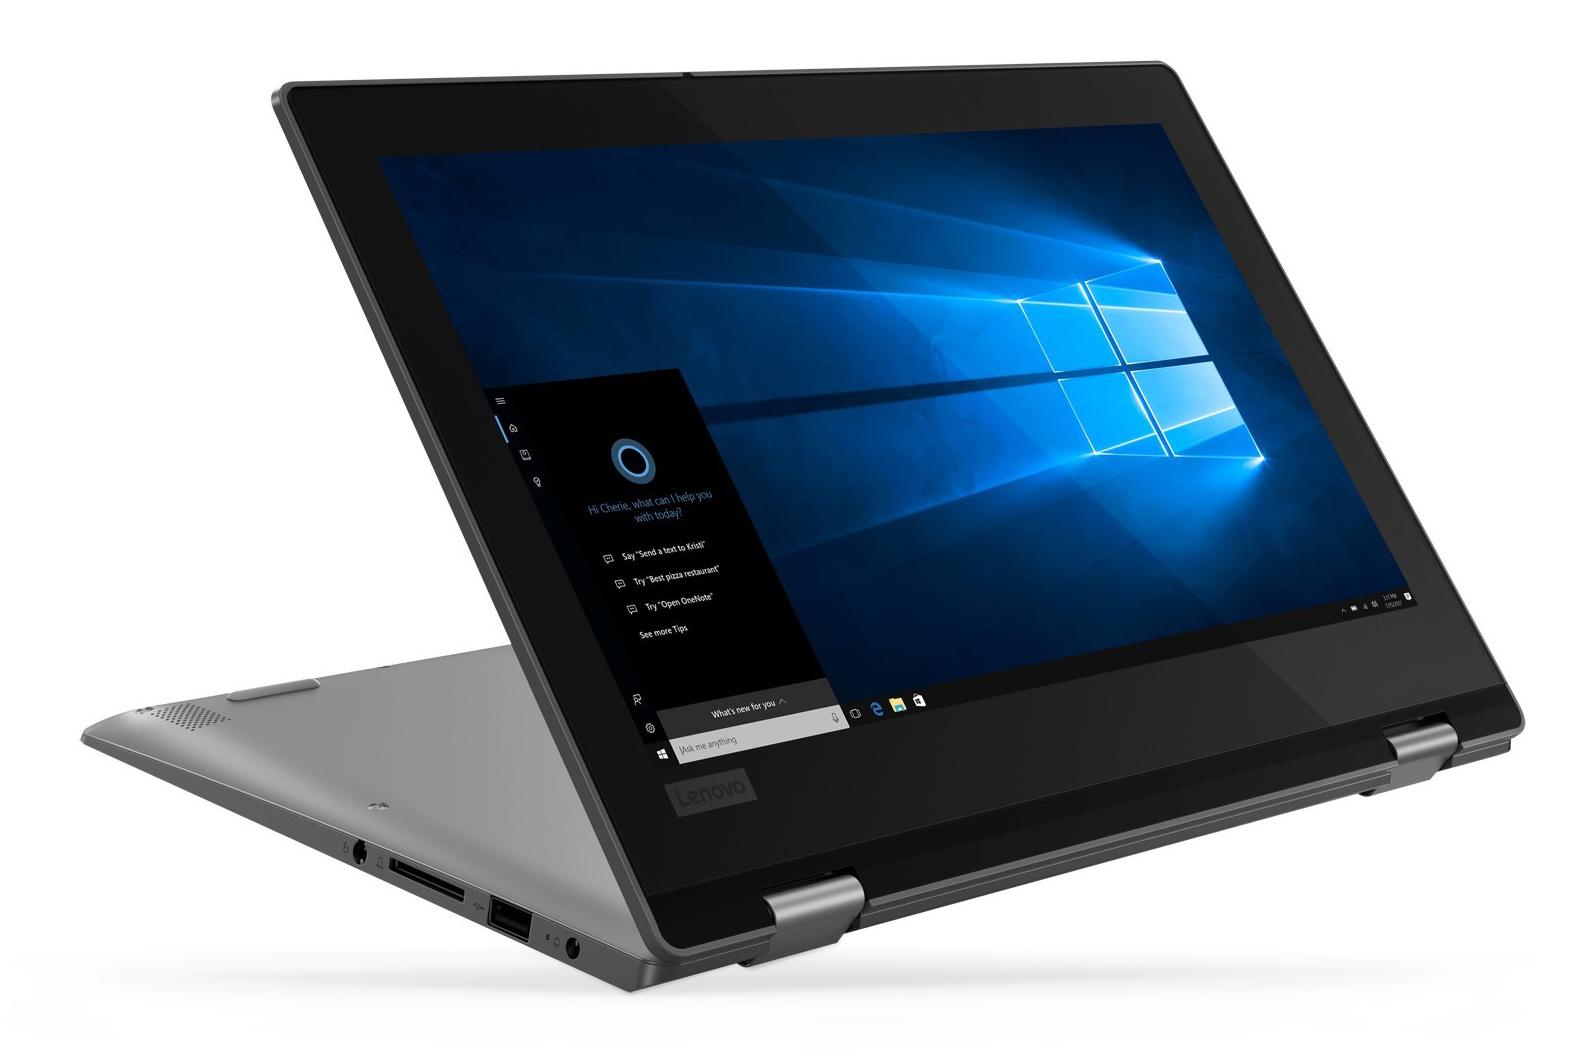 Lenovo Yoga 330 11igm Pentium N5000 Laptop Review